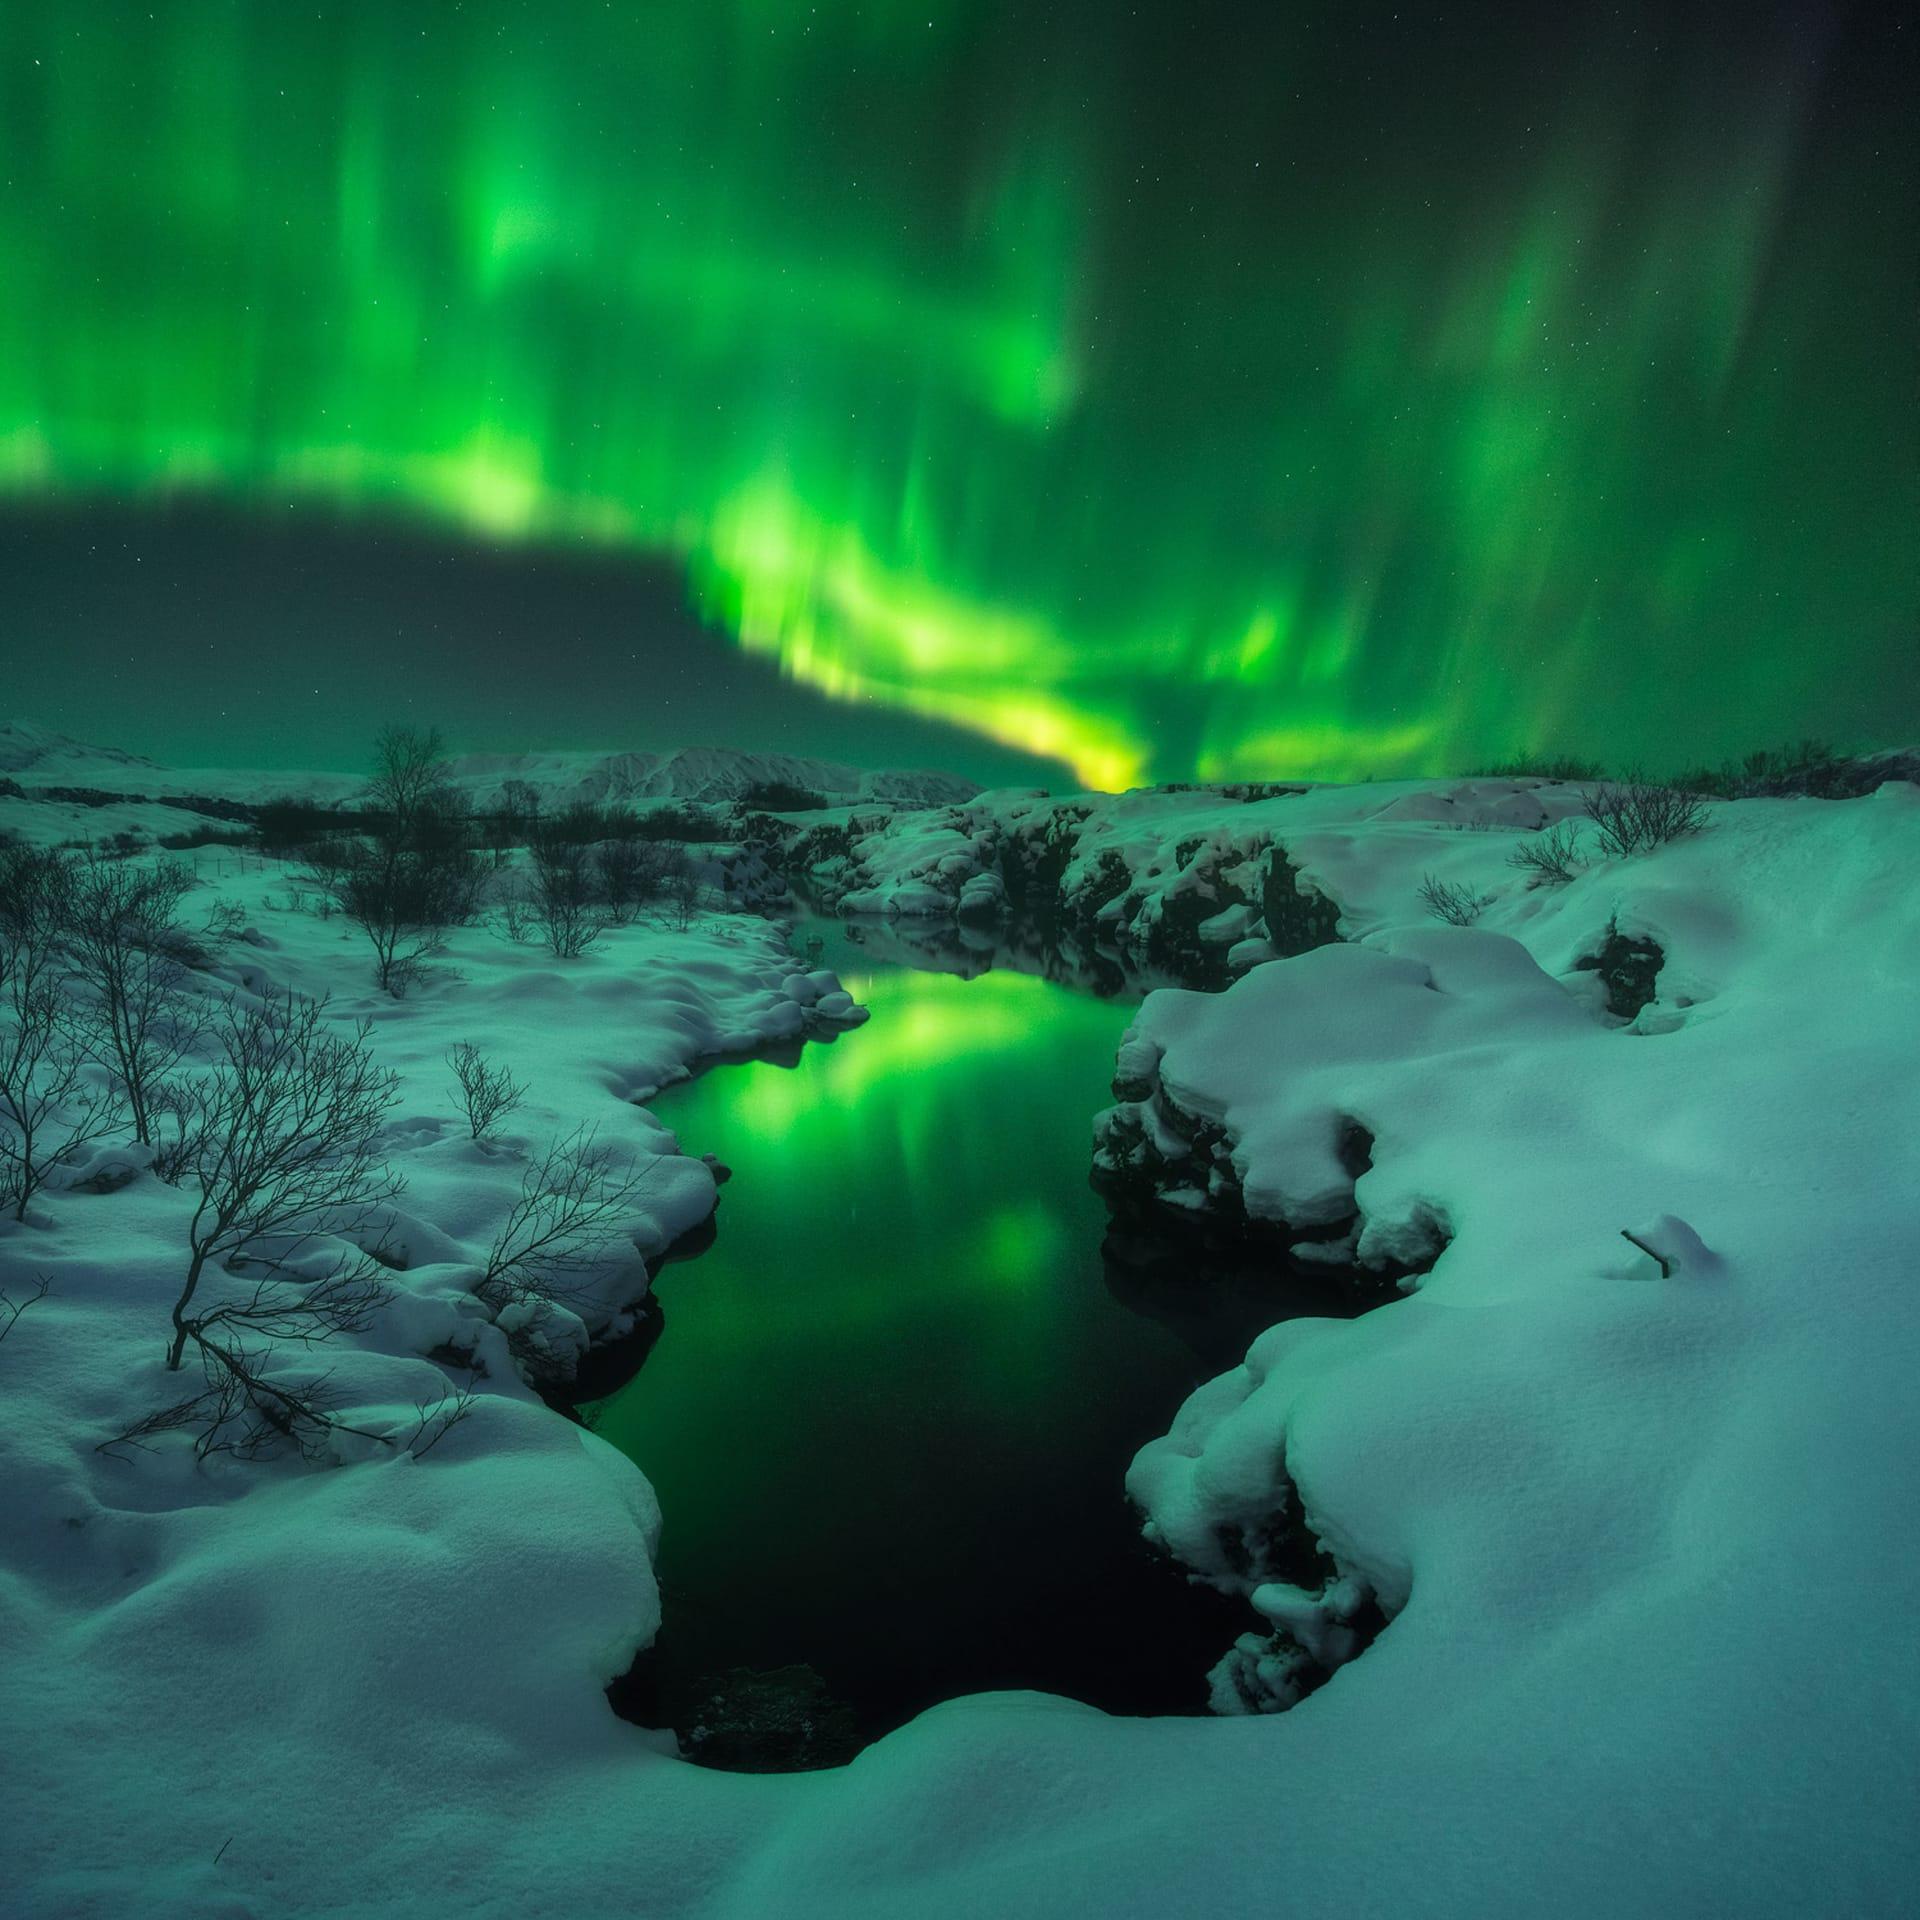 Mejores imágenes de inspiración de Auroras Boreales